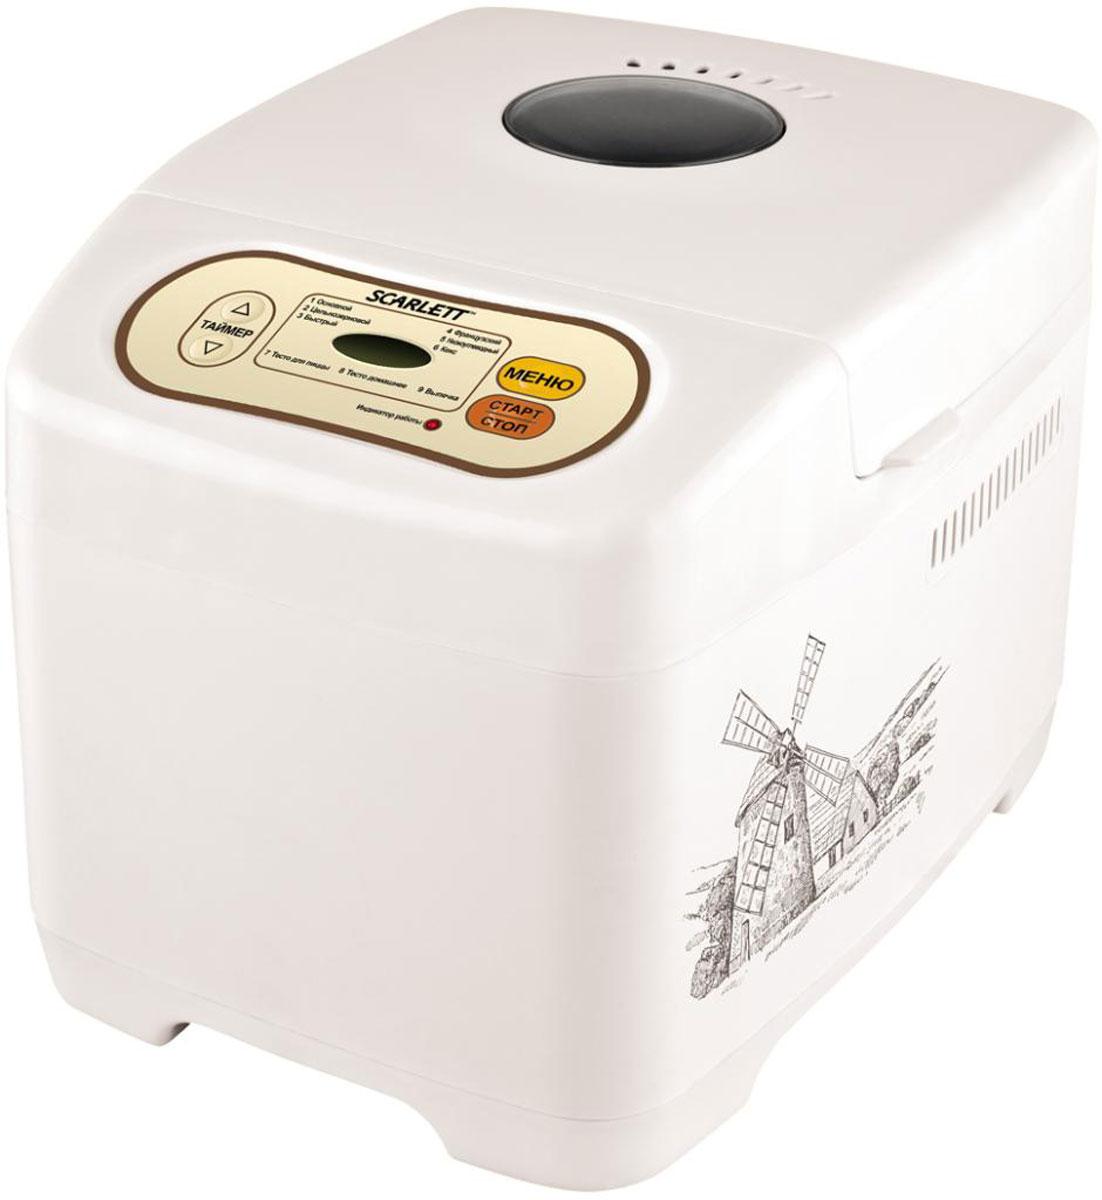 Scarlett SC-BM40002, White хлебопечьSC-BM40002Ваша личная хлебопекарня Scarlett SC-BM40002 удивит и порадует даже самых взыскательных кулинаров. Разнообразные программы выпекания и функция приготовления теста сделают ваш хлеб по-настоящему оригинальным. 9 автоматических режимов приготовления, окошко для контроля за процессом, поддержание температуры до 60 минут, а также функция памяти до 15 минут при сбое электропитания и отсрочка приготовления до 13 часов сделают этот прибор отличным дополнением вашей кухни!